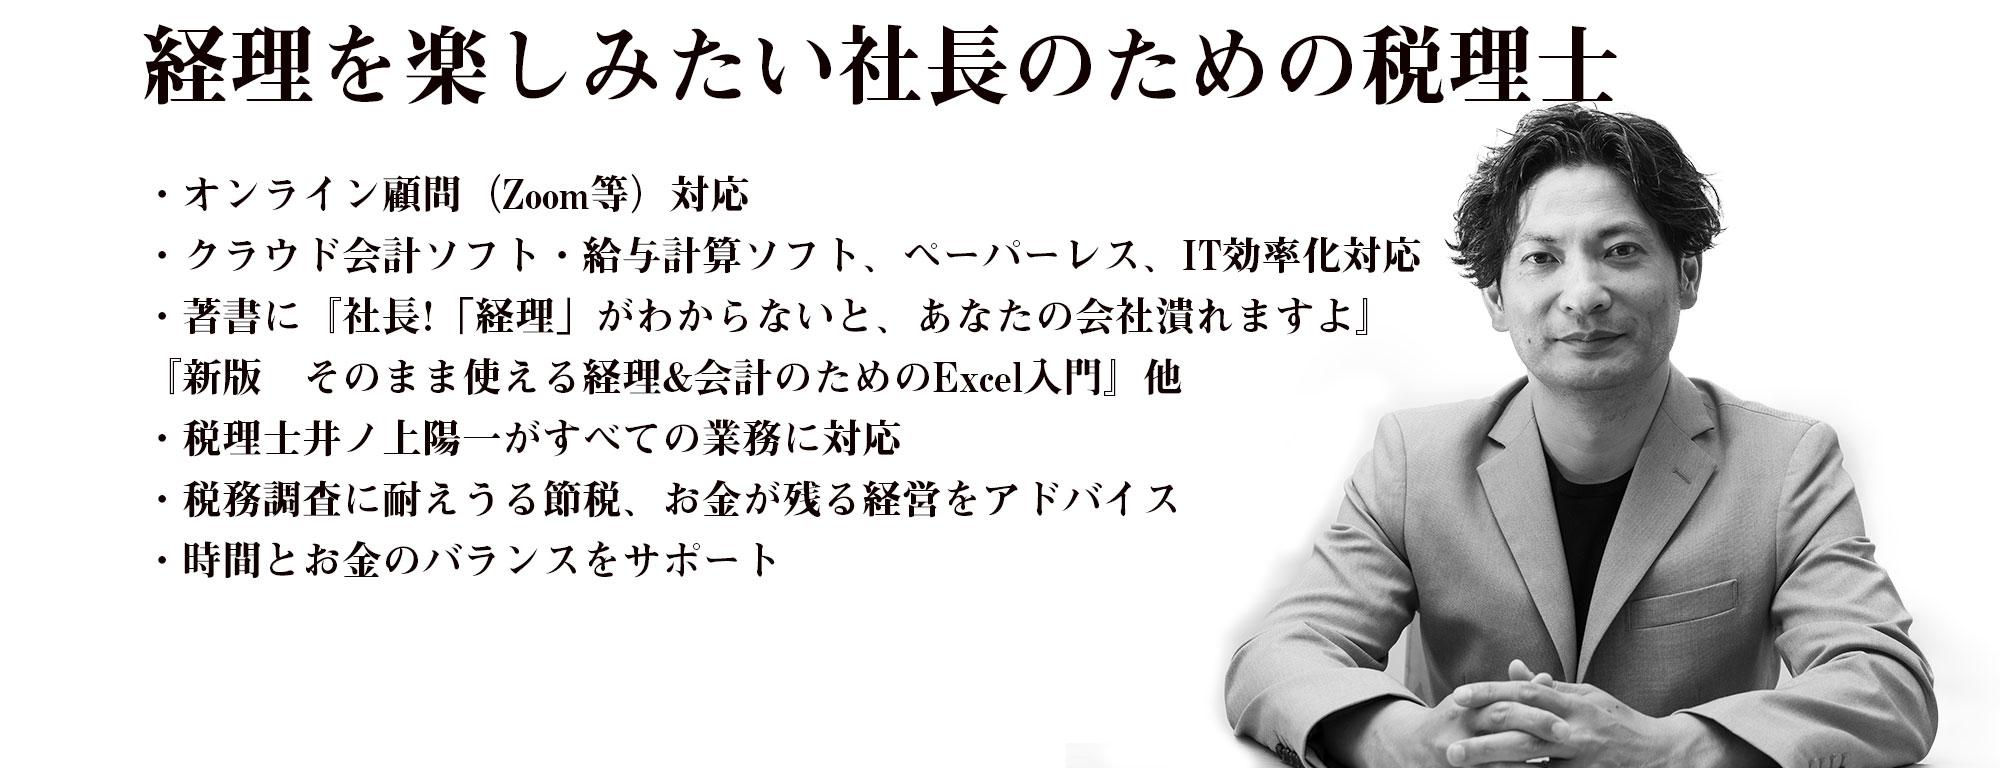 井ノ上陽一税理士事務所 | 経理効率化・DX・Excel・IT・RPA